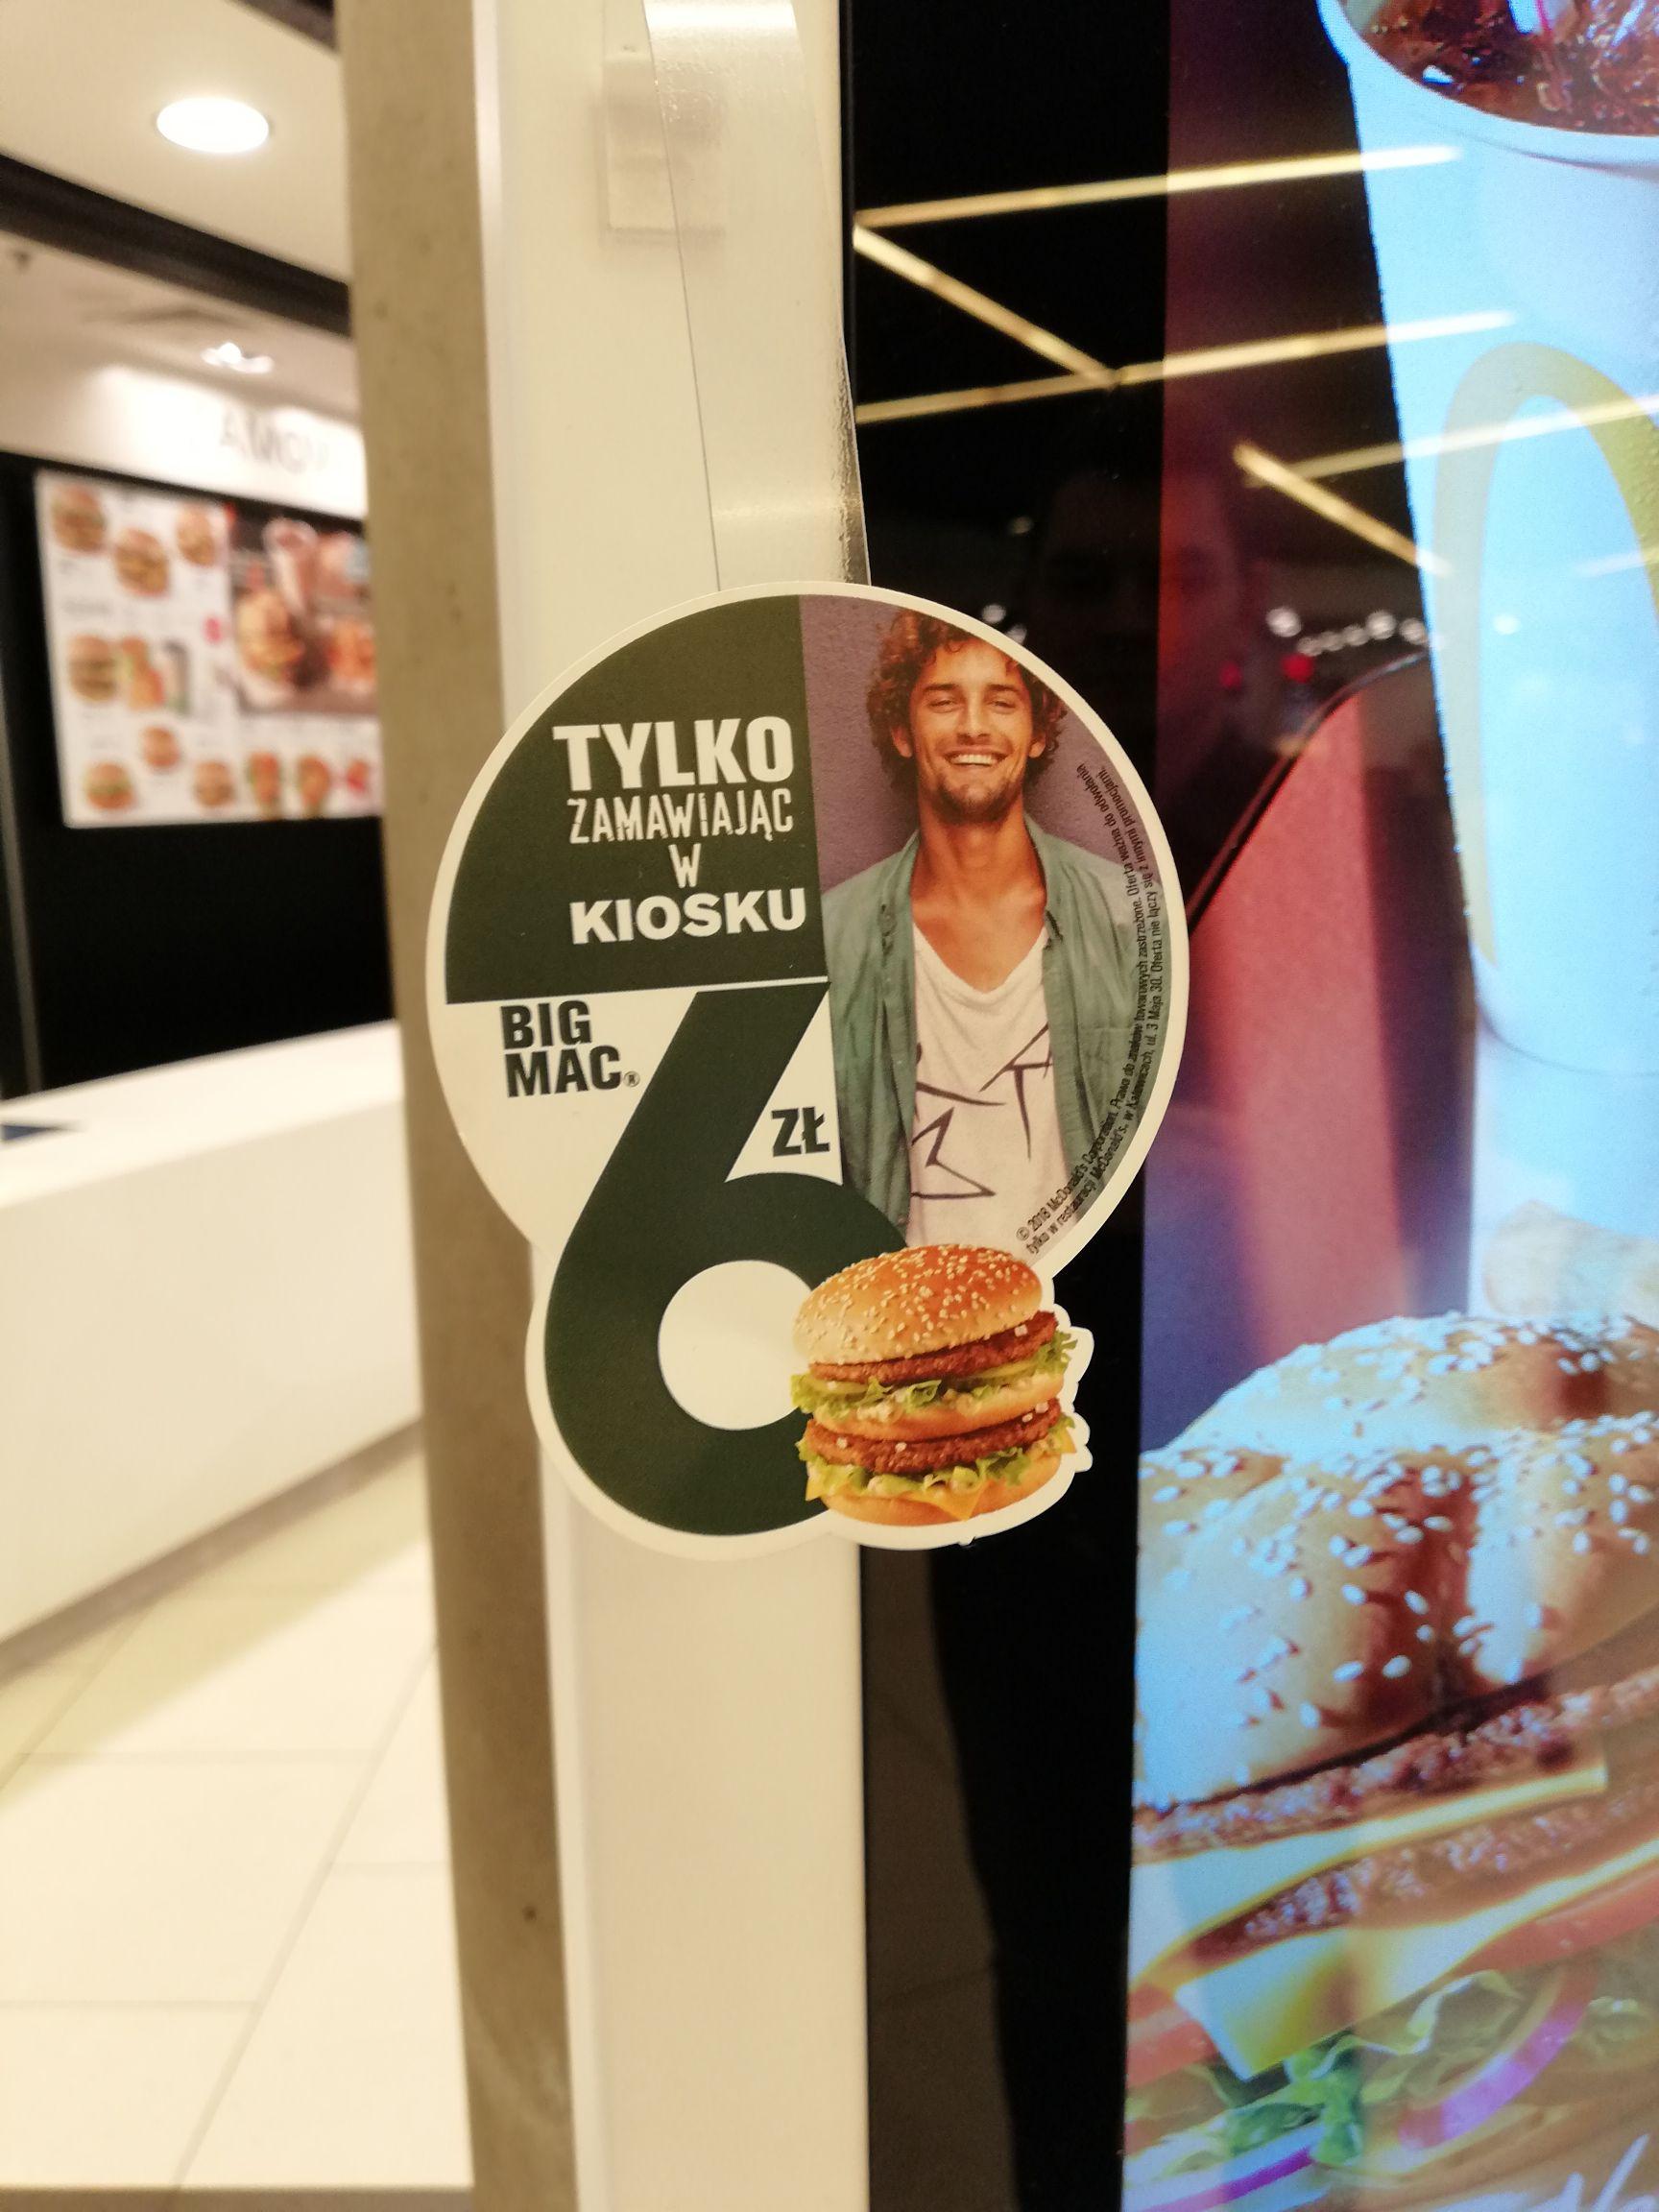 McDonald's w Galerii Katowickiej: Big Mac za 6 zł